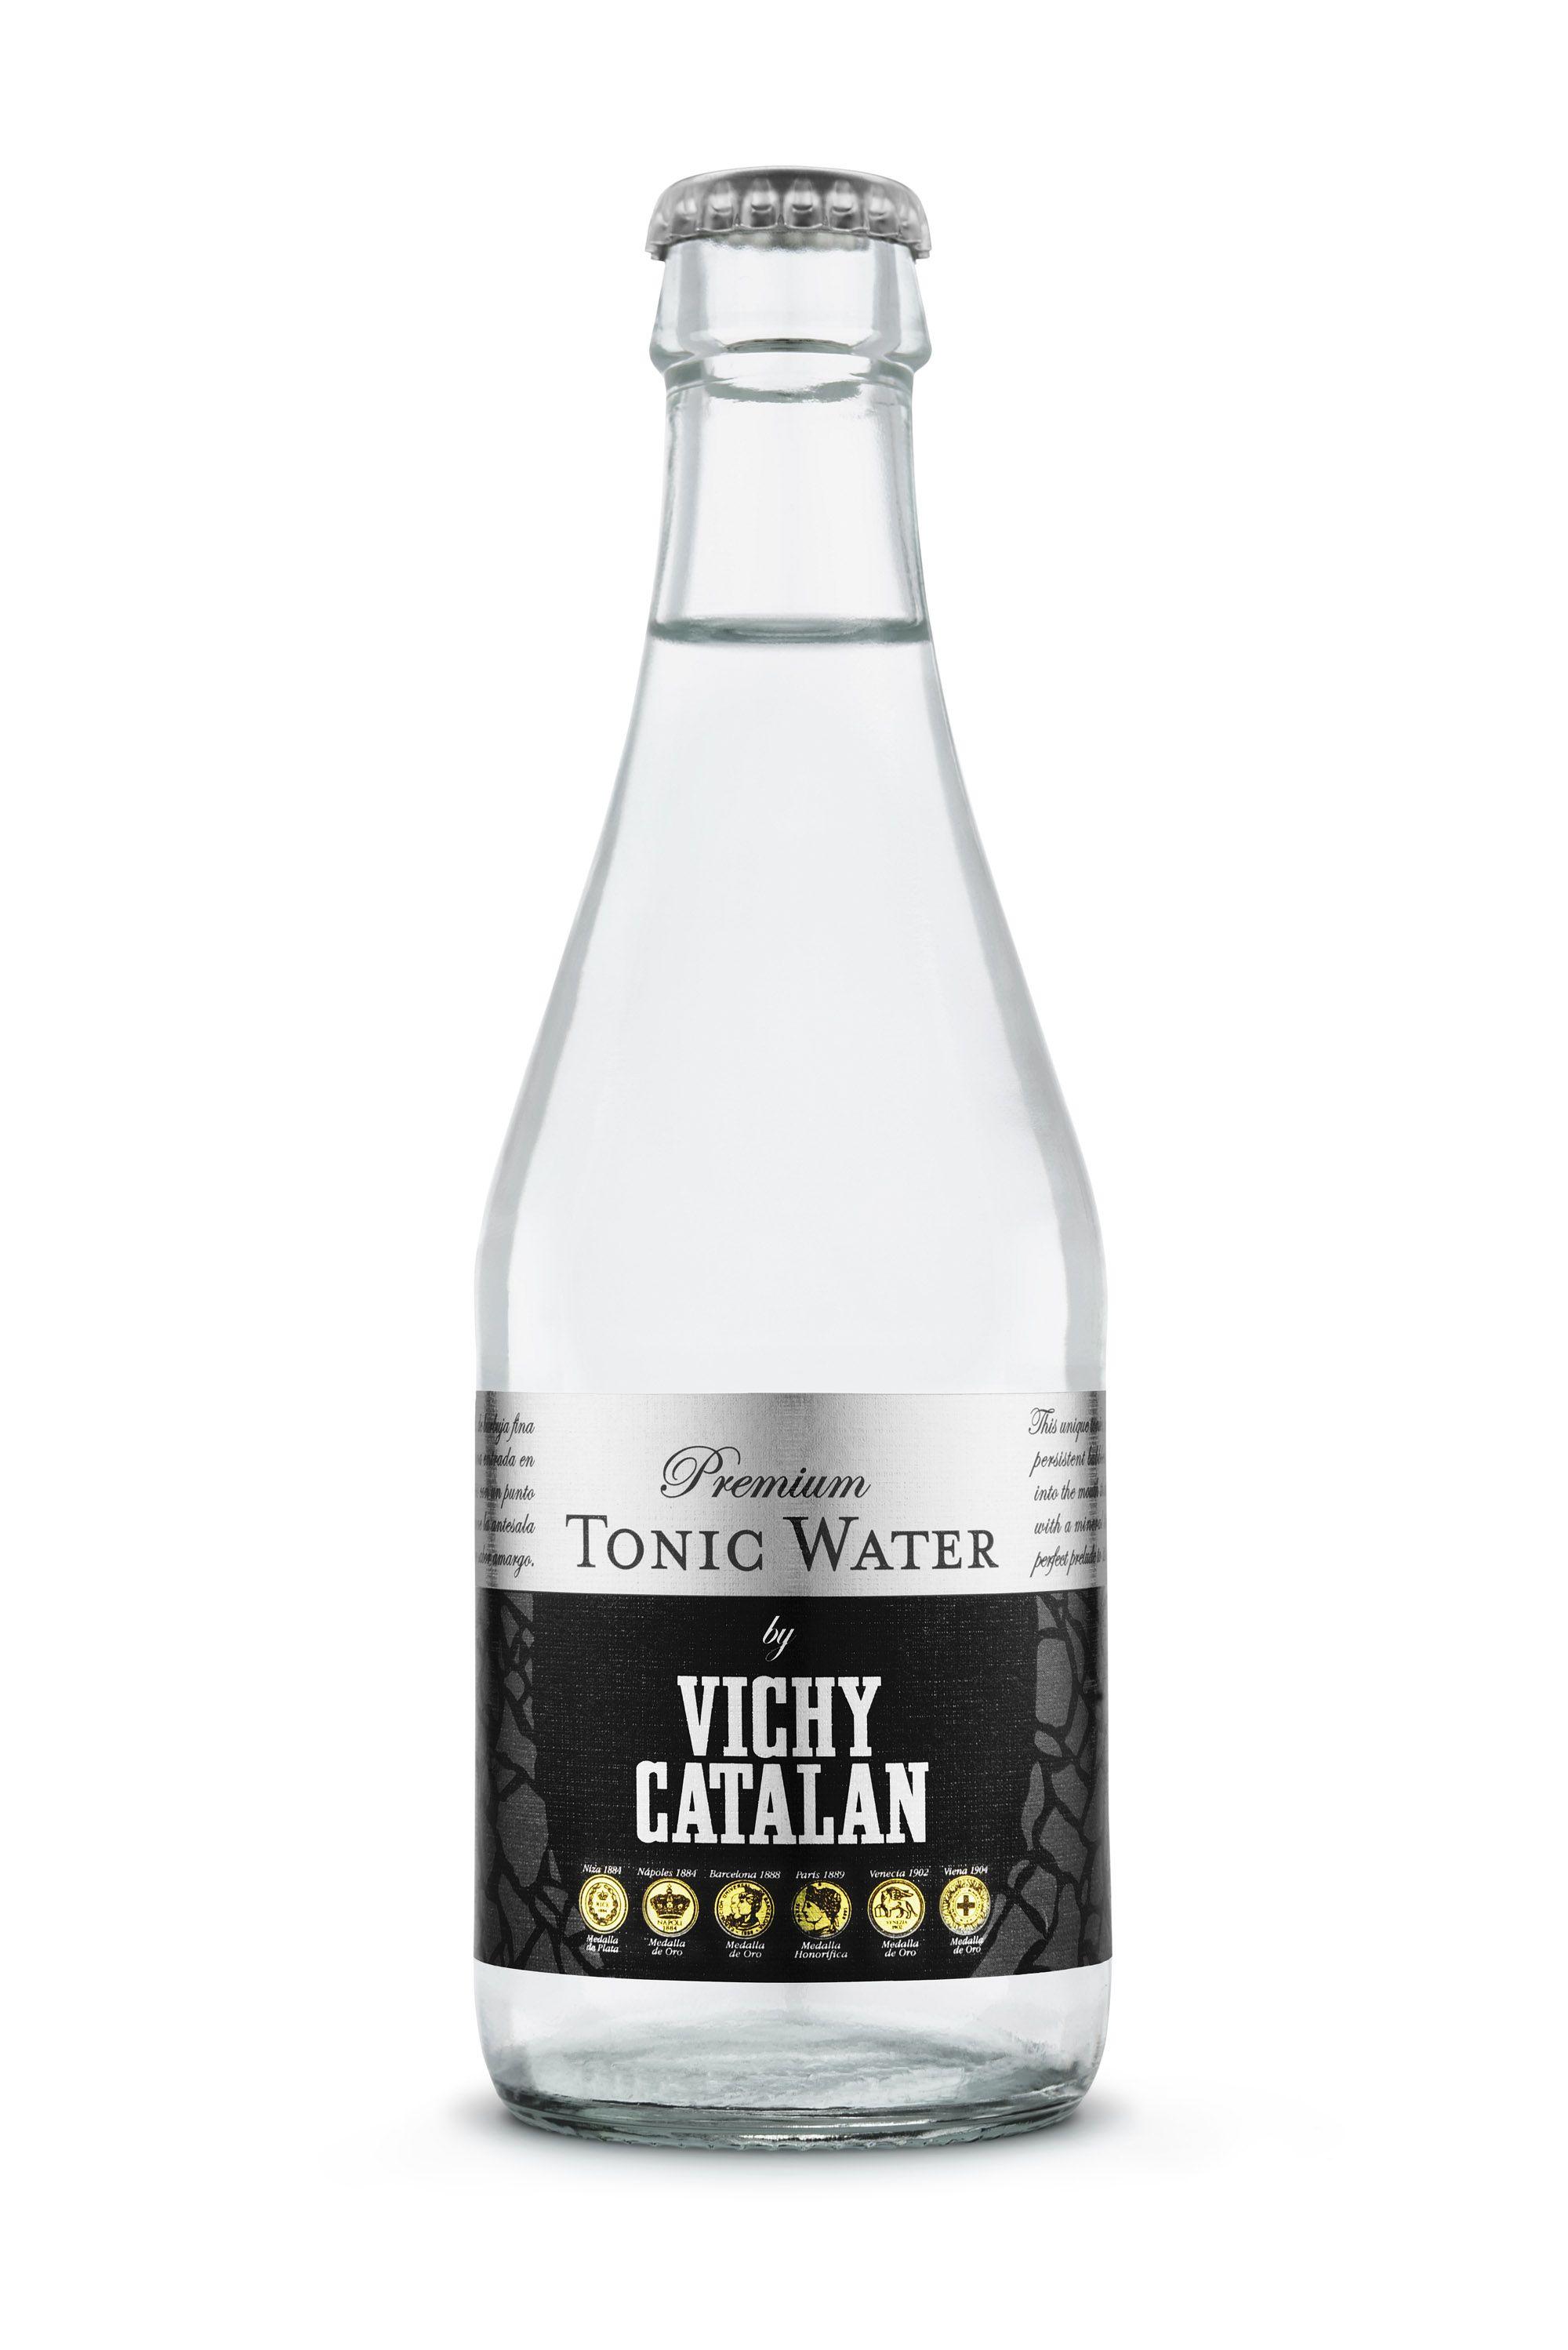 Nueva Premium Tonic Water by Vichy Catalán también en botella